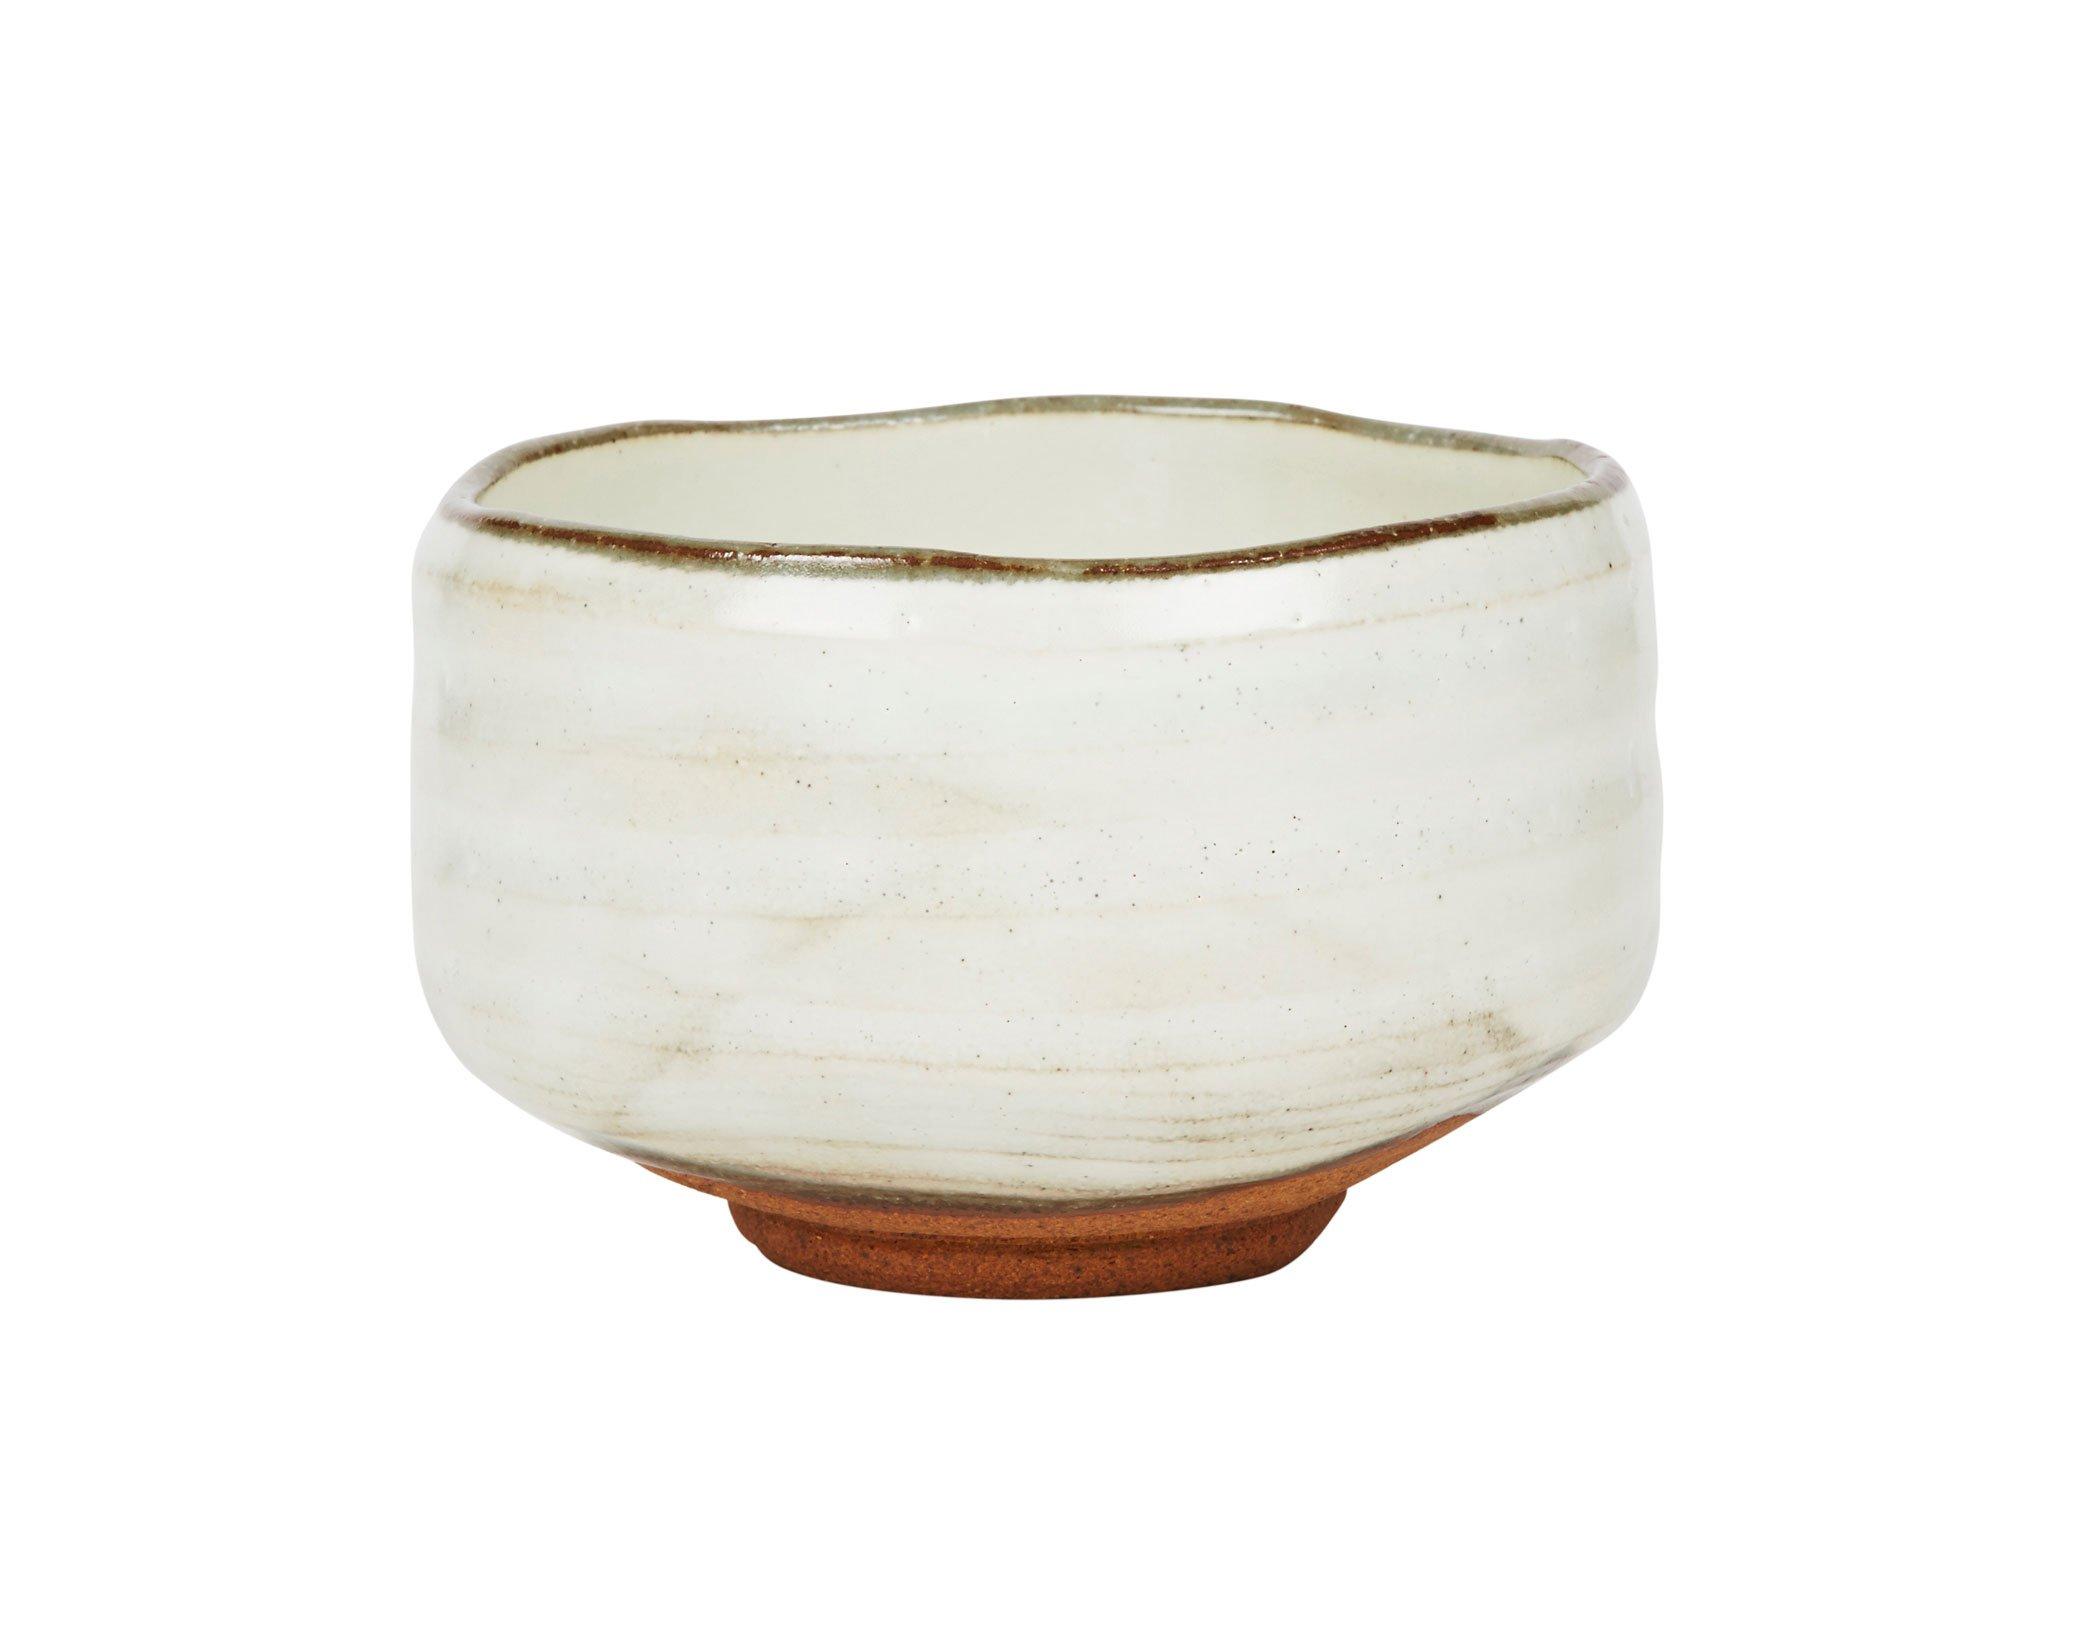 Handmade Japanese Matcha Bowl